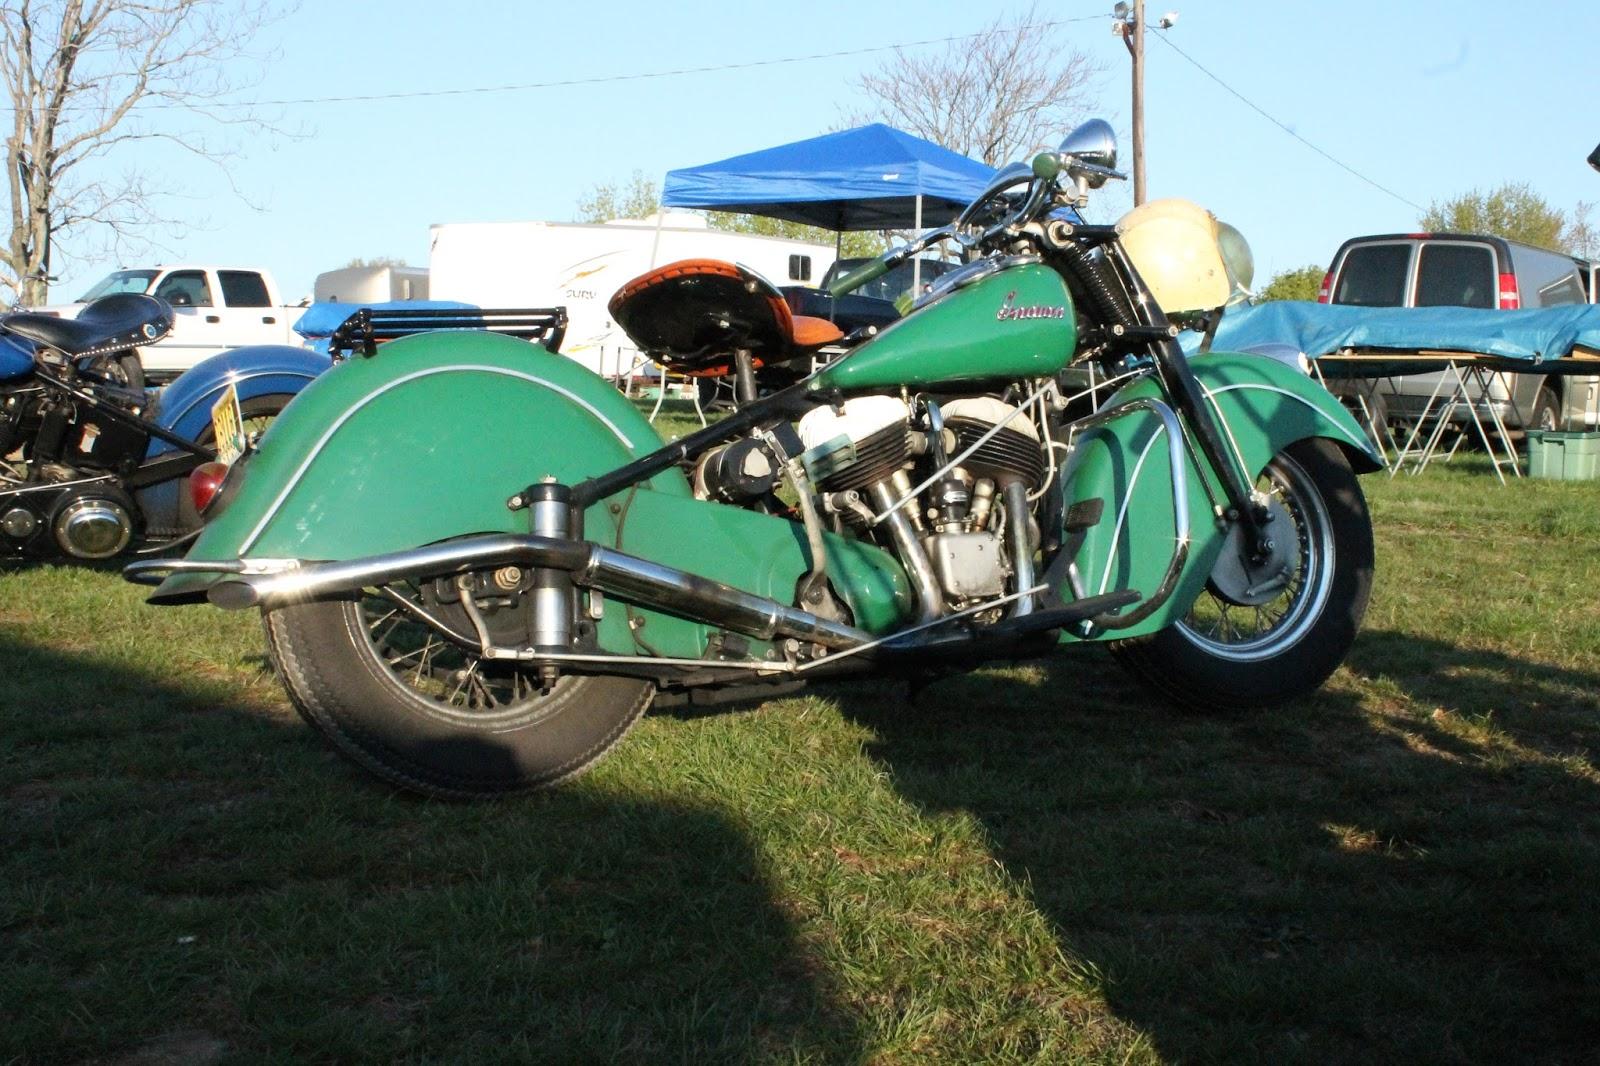 newportville fire company motorcycle swap meet